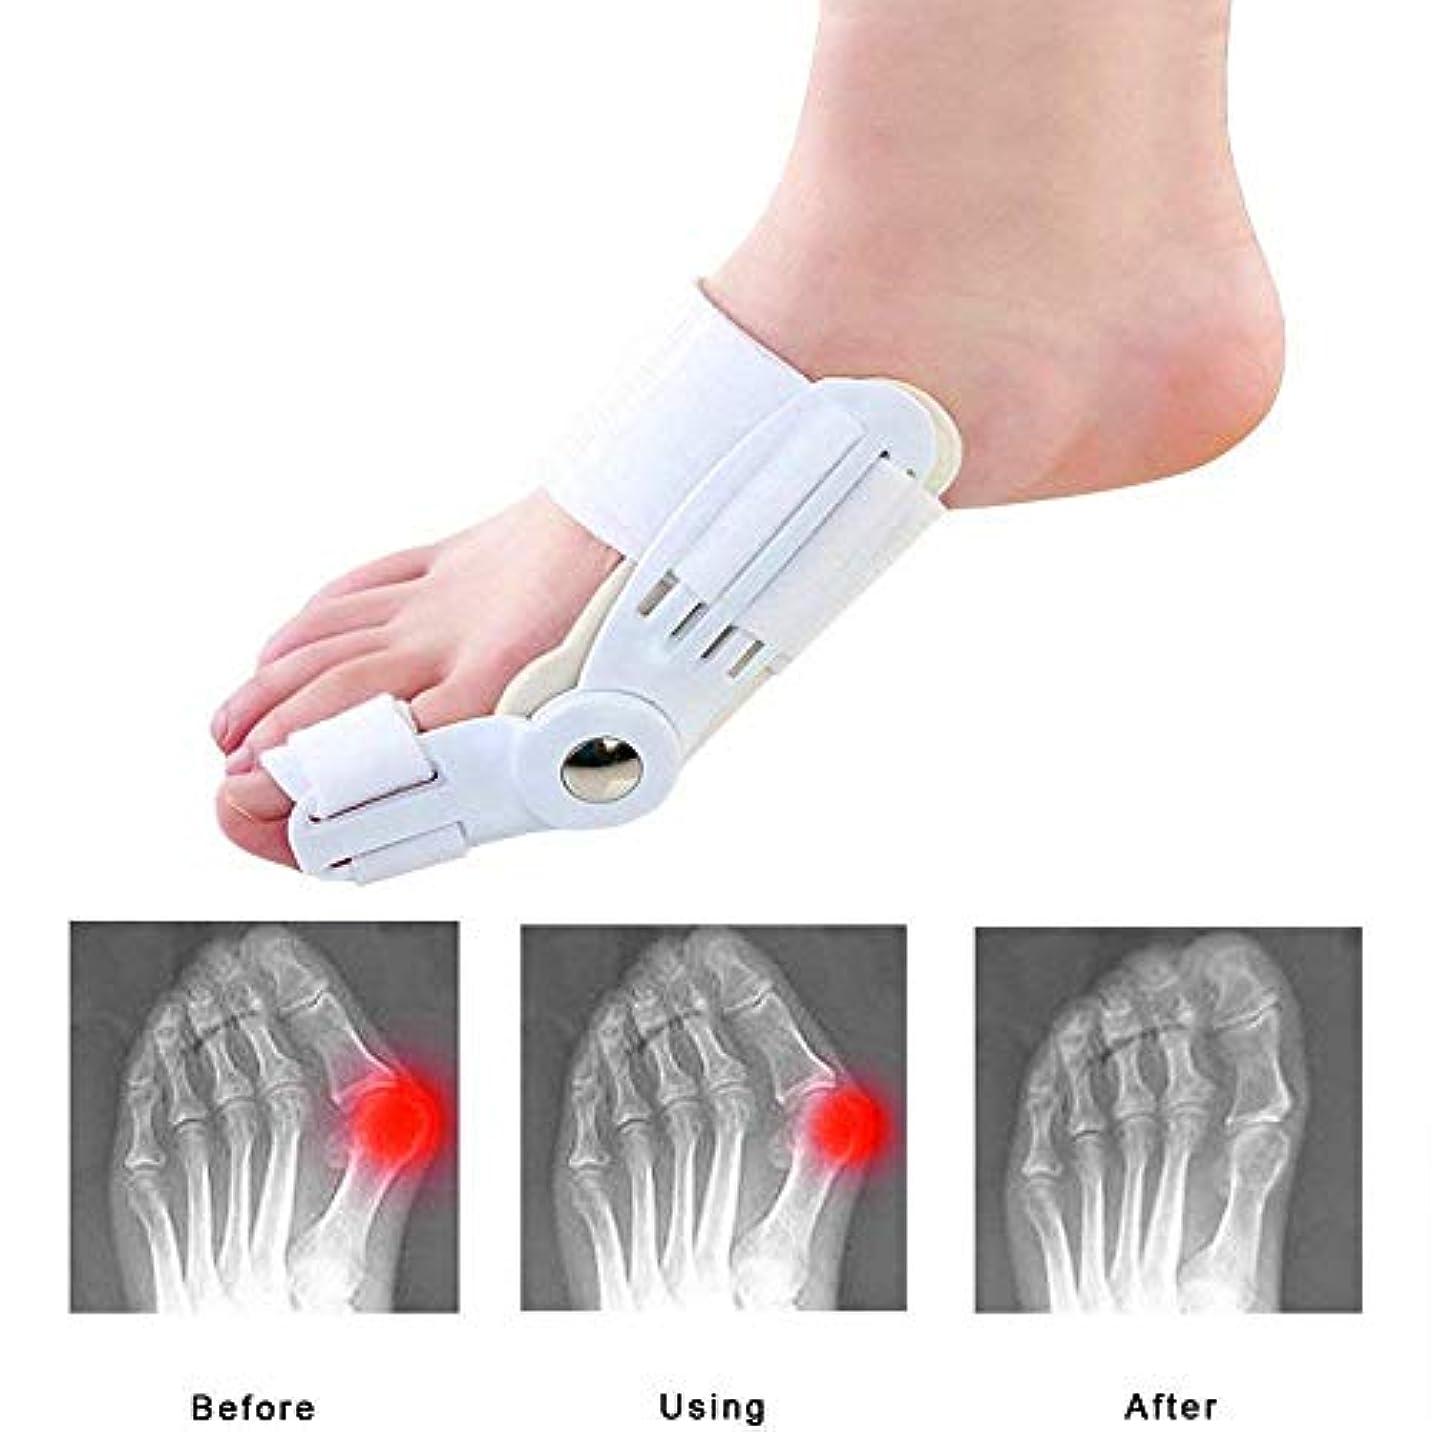 賛辞晩ごはん担保つま先のセパレーターと矯正、外反母A援助スプリント、痛みを軽減する腱膜瘤補正、ウォーキングトゥアライナー2 PCSを毎日使用